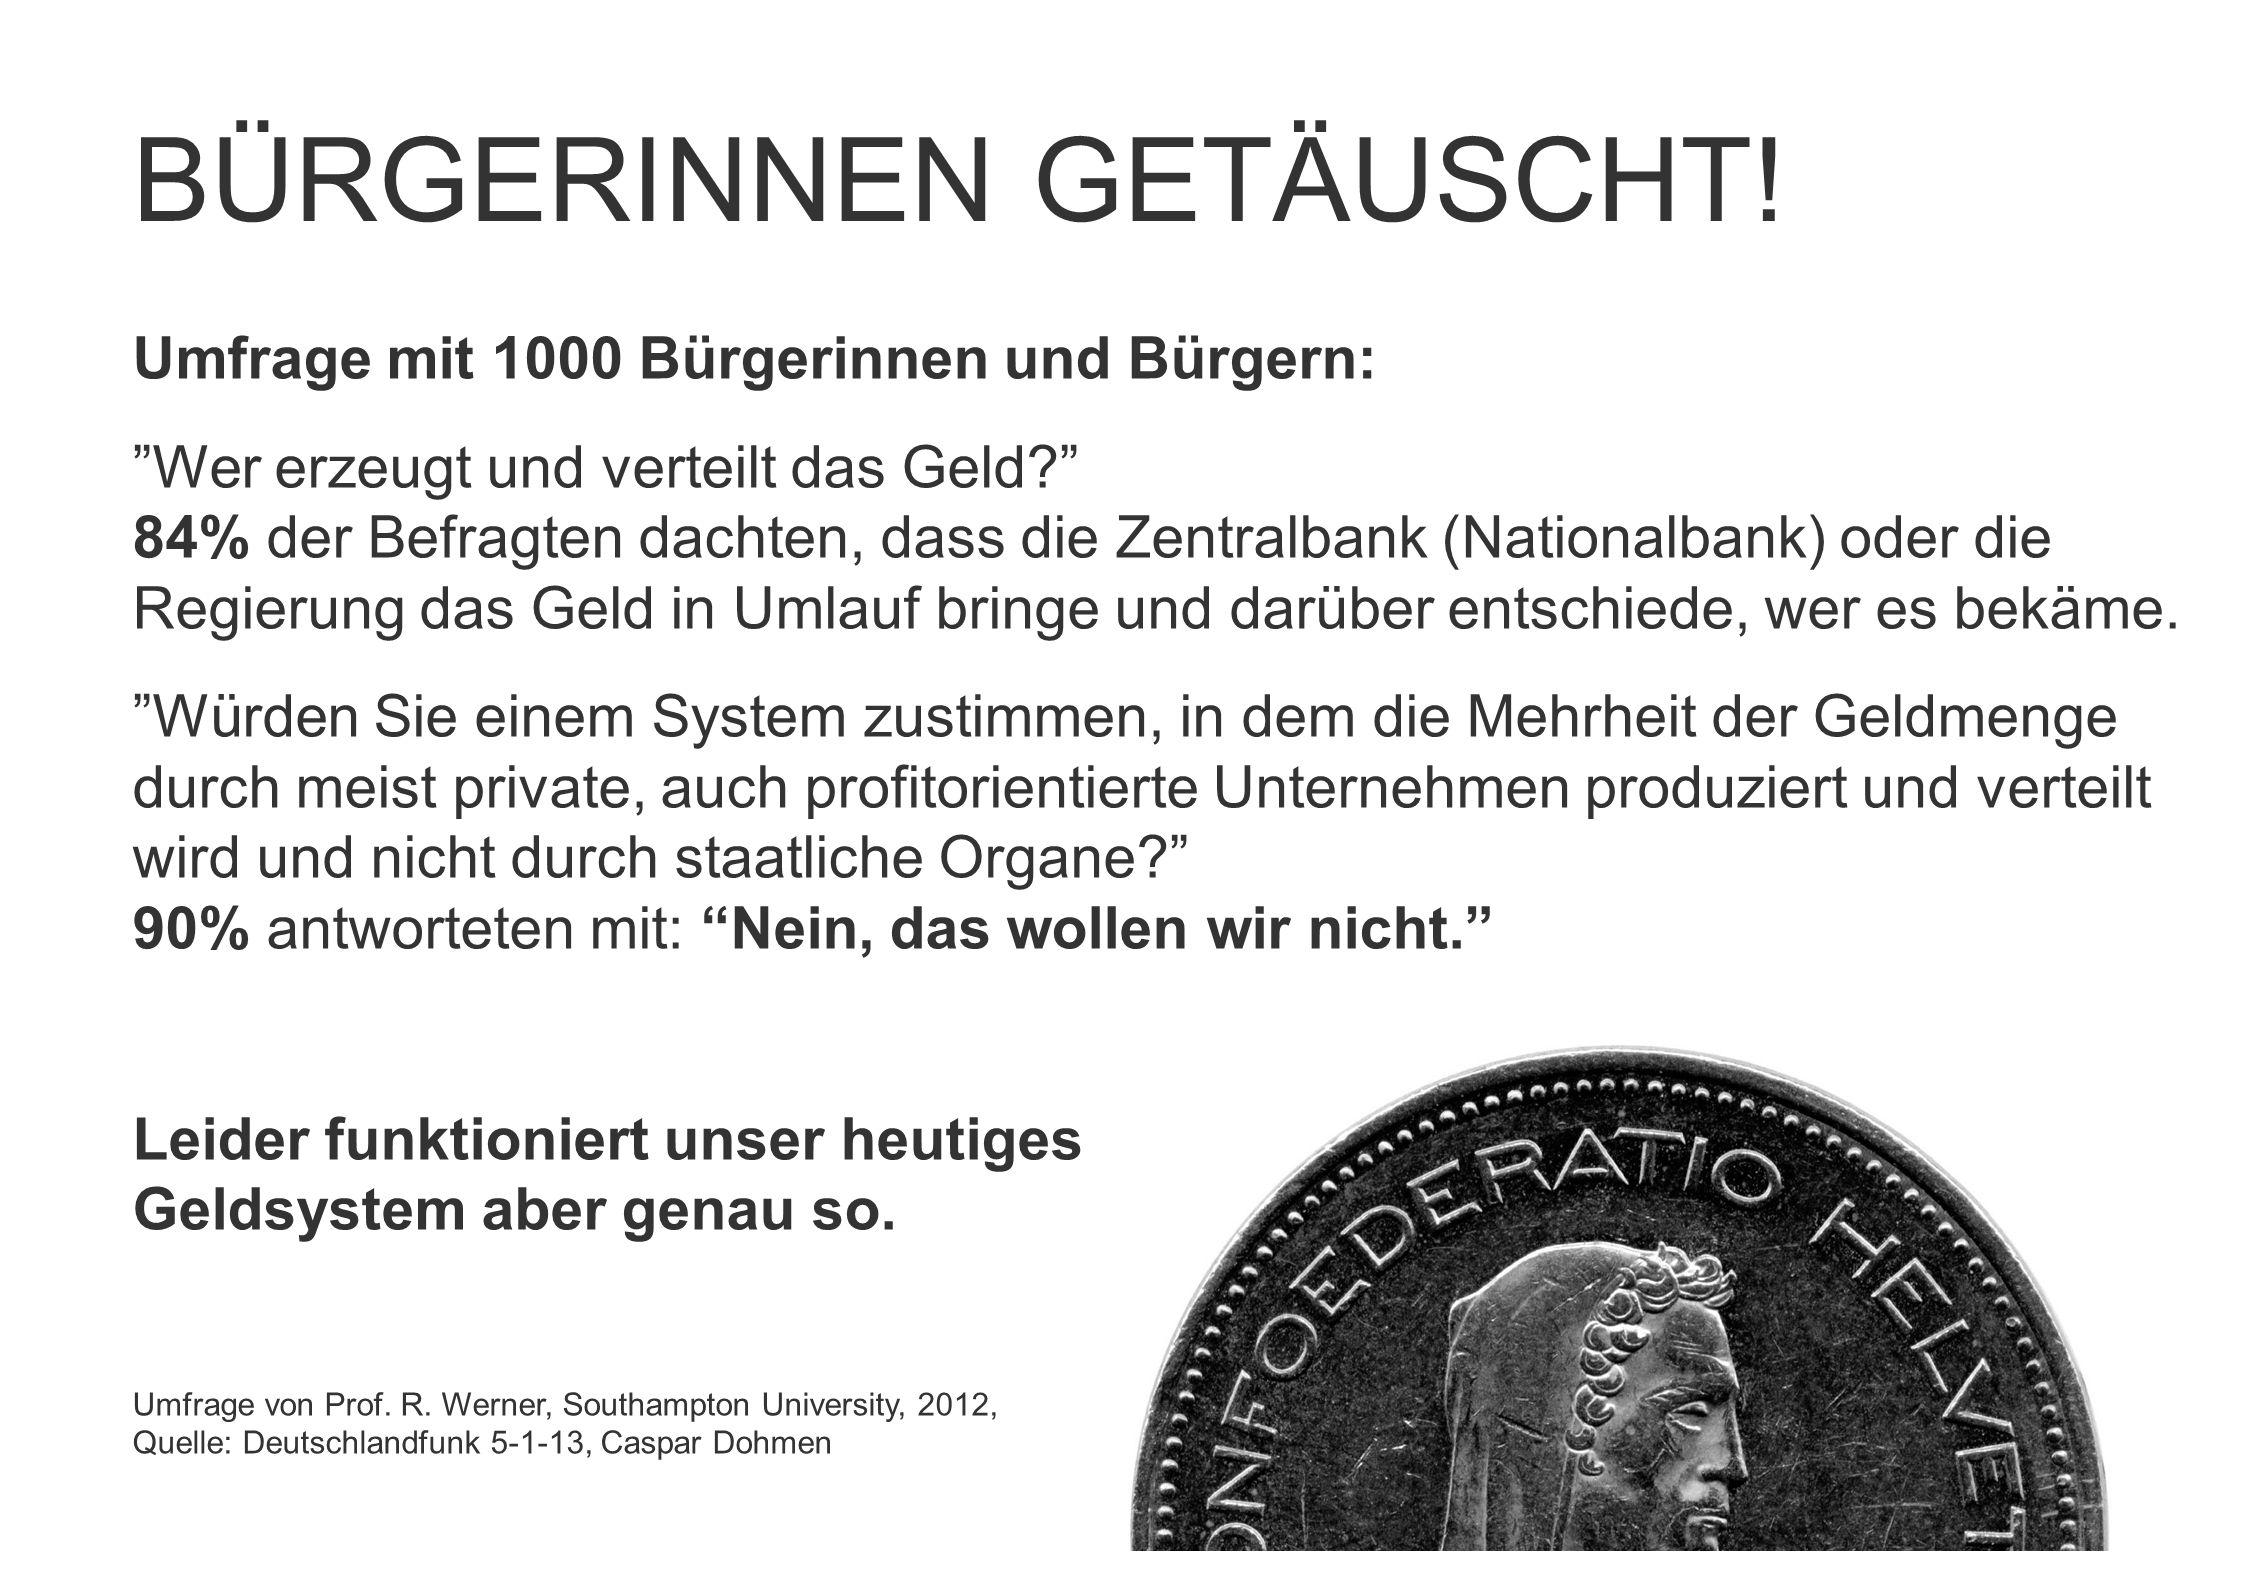 BÜRGERINNEN GETÄUSCHT!